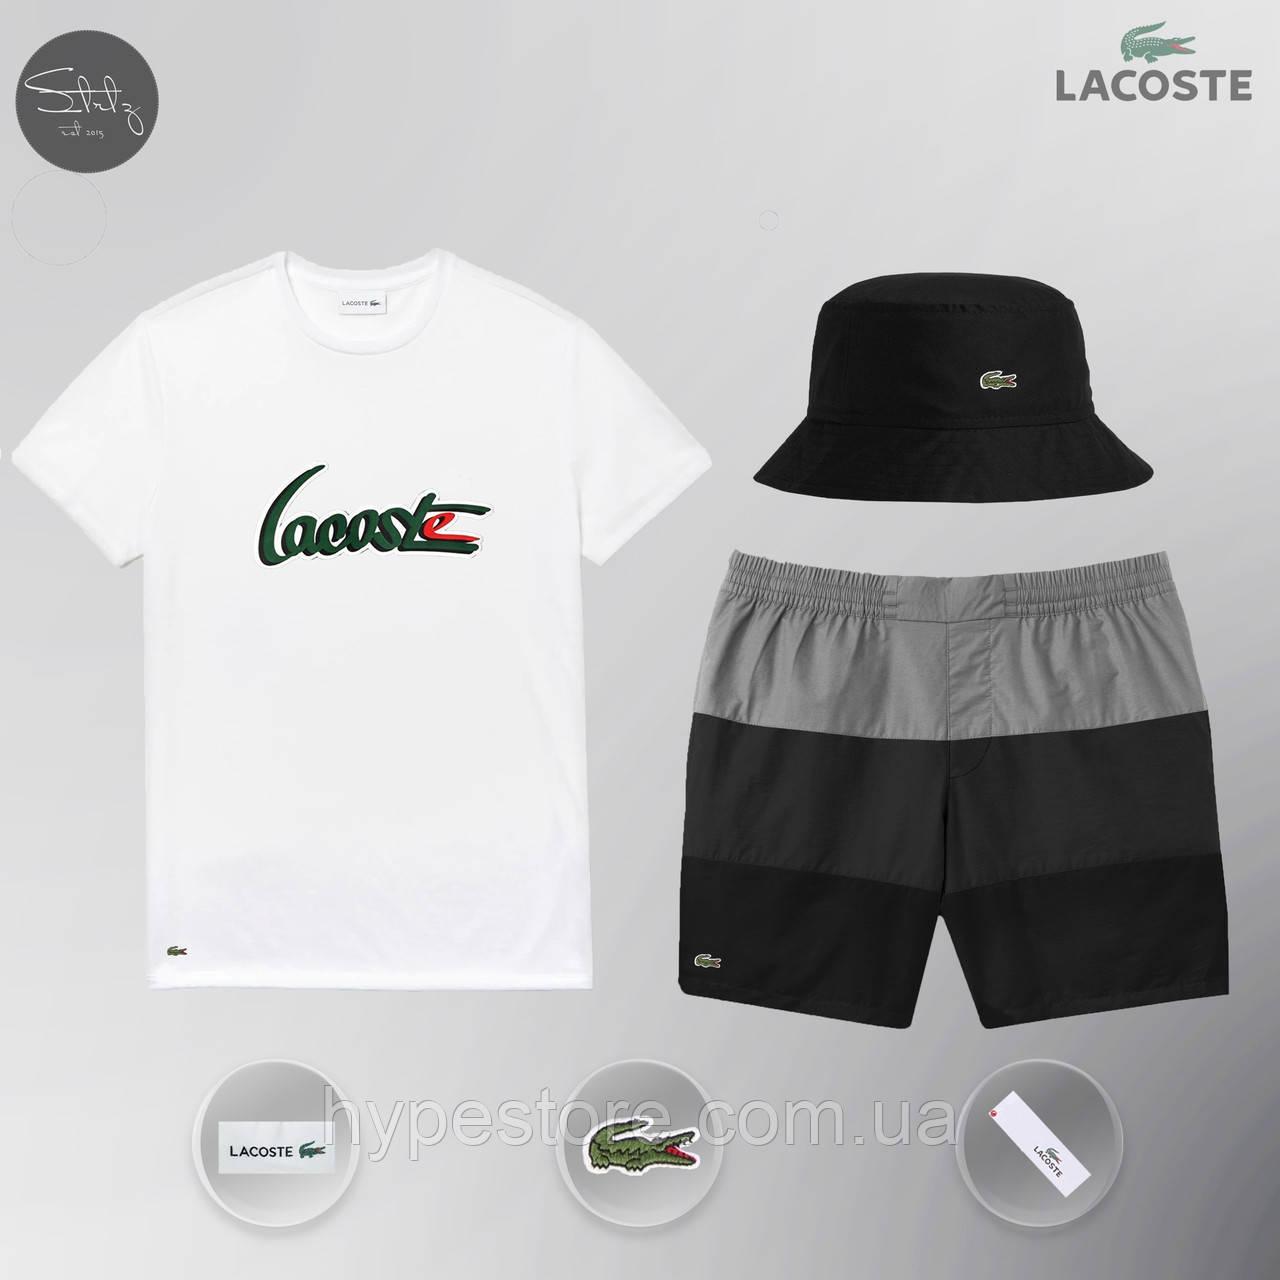 Летний мужской спортивный костюм, мужской пляжный комплект Lacoste, шорты+футболка, панама, ТОП-Реплика